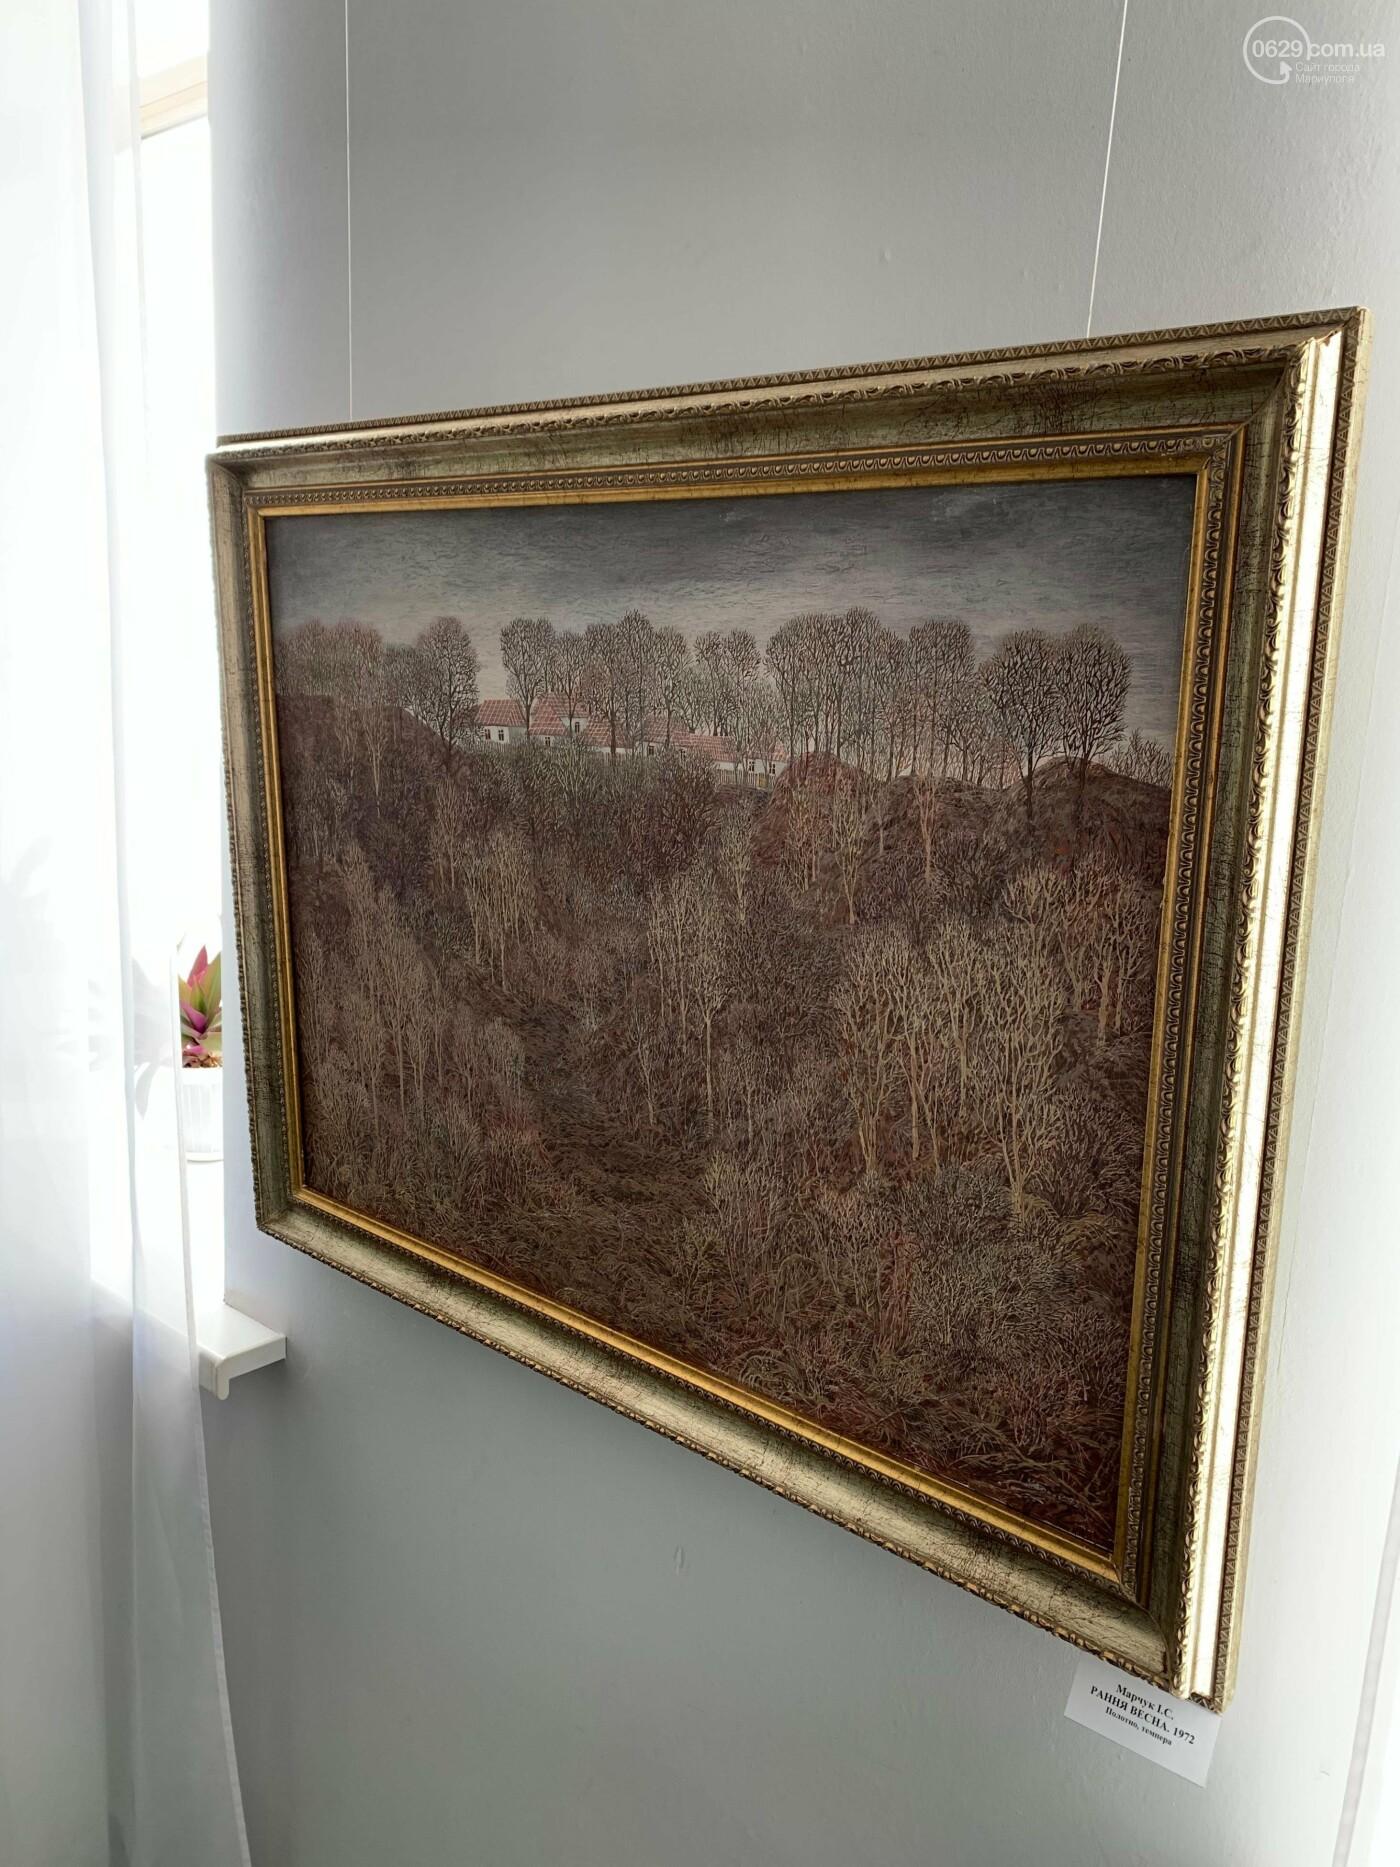 Гості з минулого. В Маріуполі відтворили виставку 1973 року, зібрав 60 шедеврів живопису - ФОТОРЕПОРТАЖ, фото-3